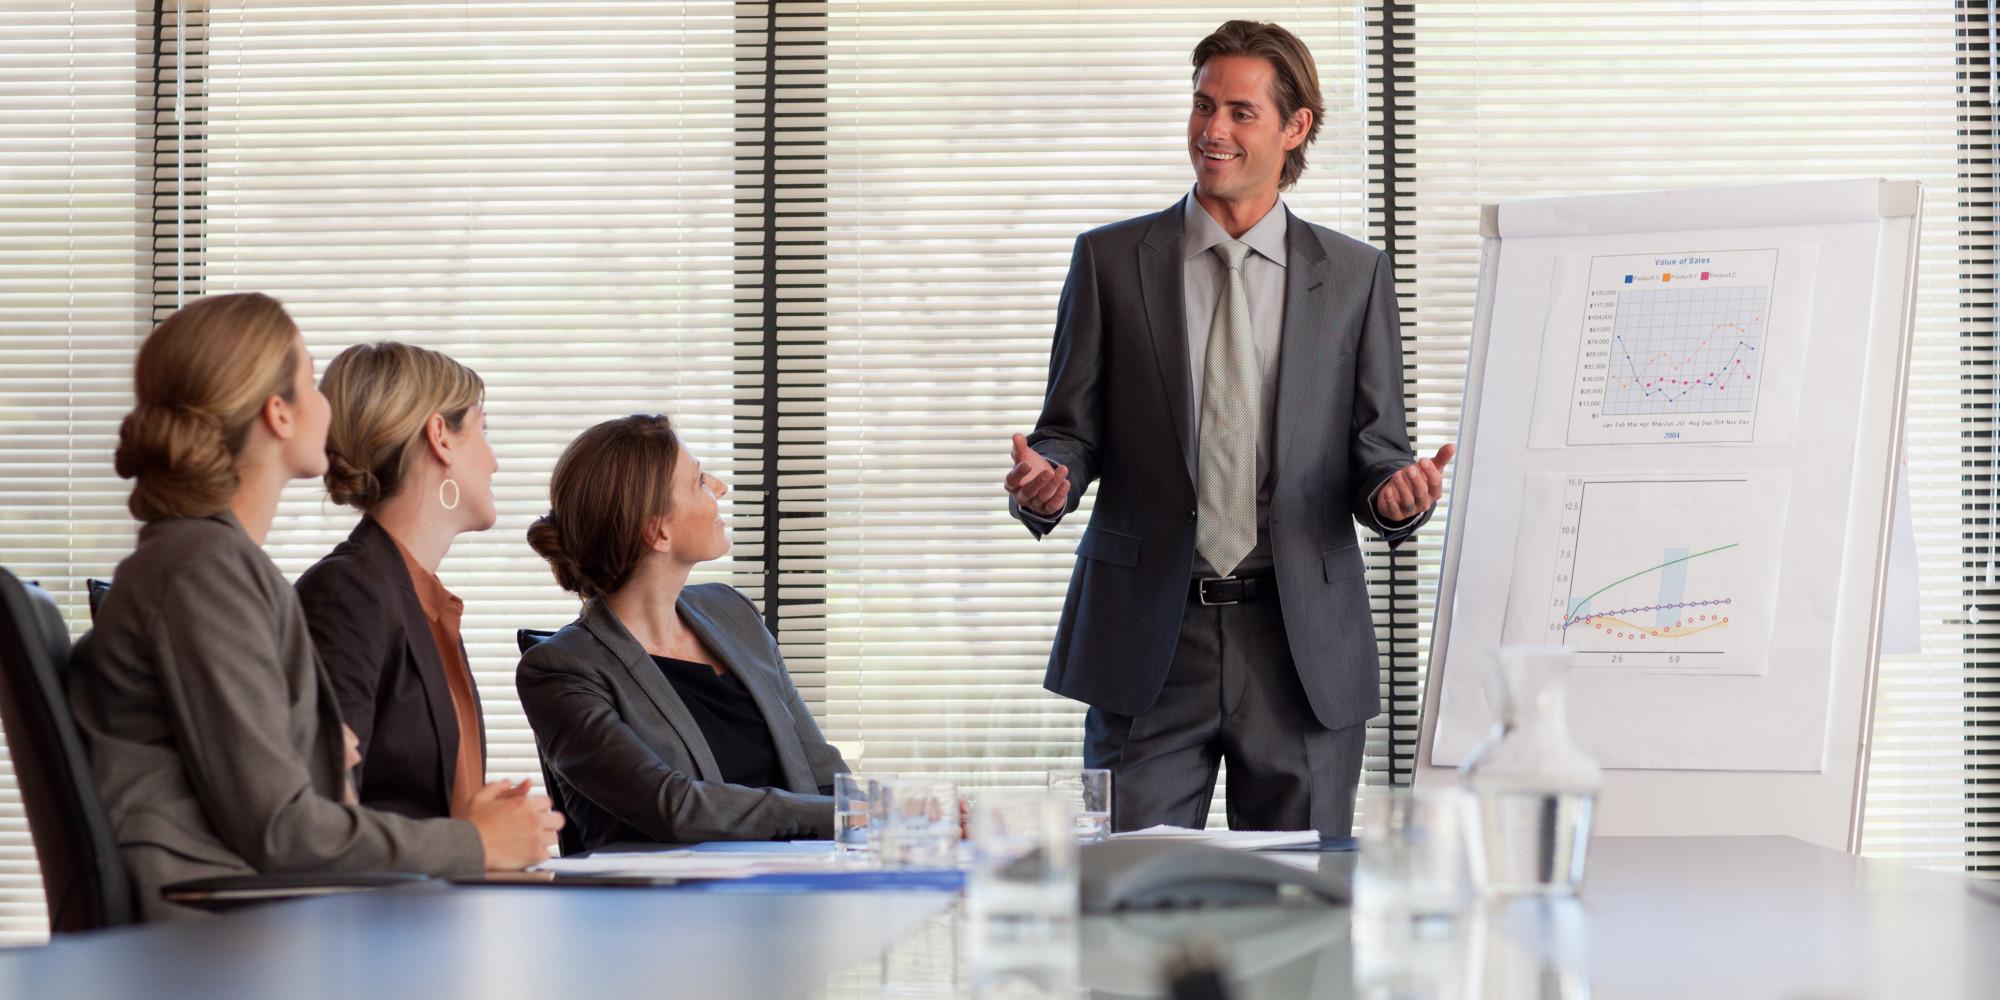 Kết quả hình ảnh cho business leader